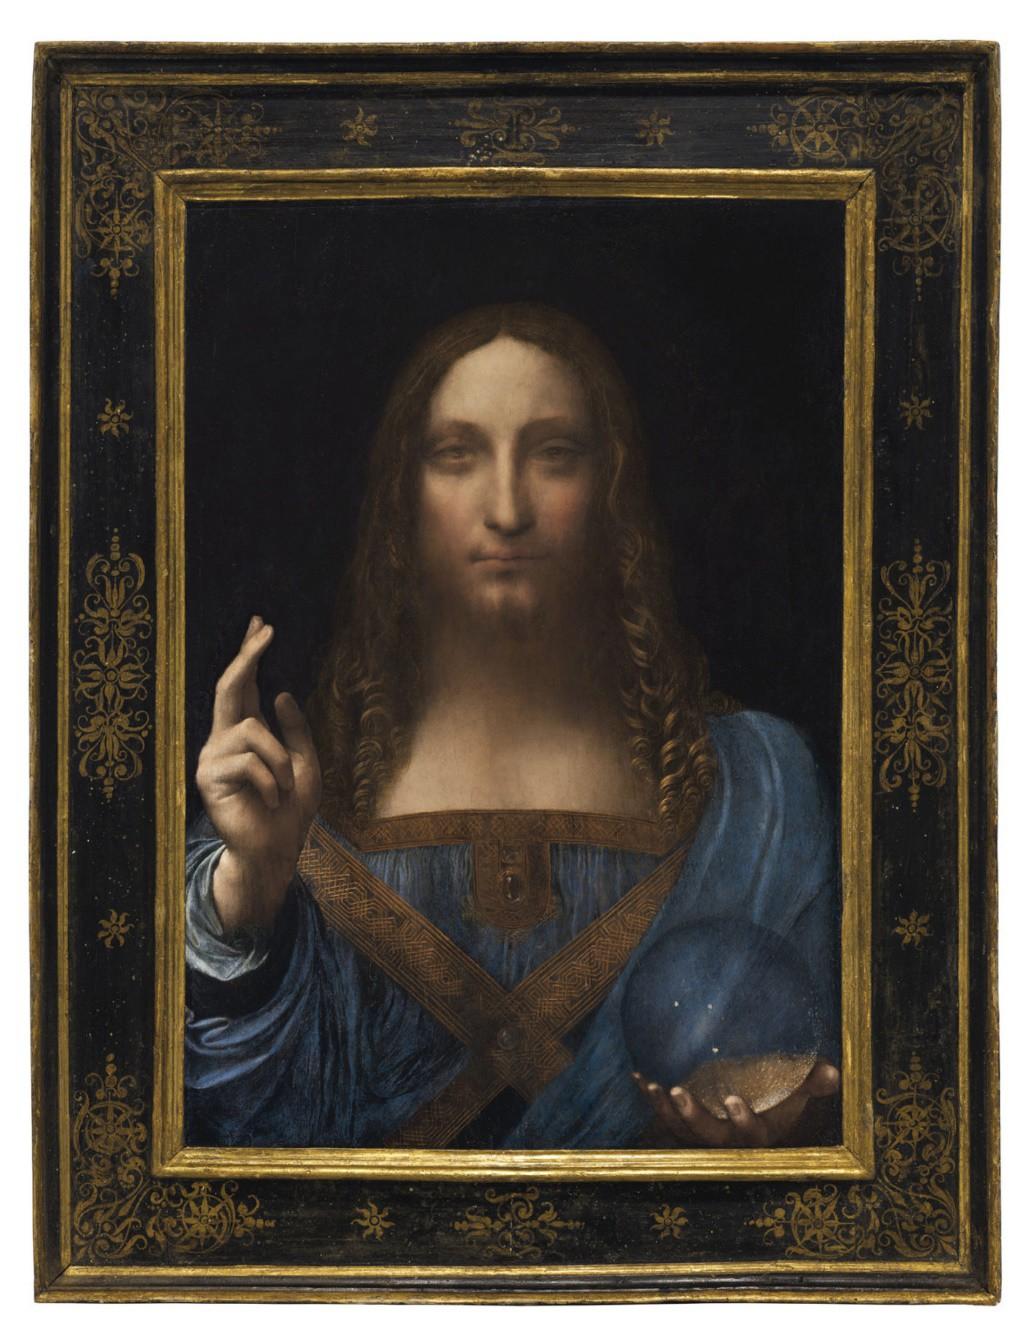 Bức họa Salvator Mundi (Đấng Cứu Thế) phá kỷ lục với mức giá 450 triệu USD 1